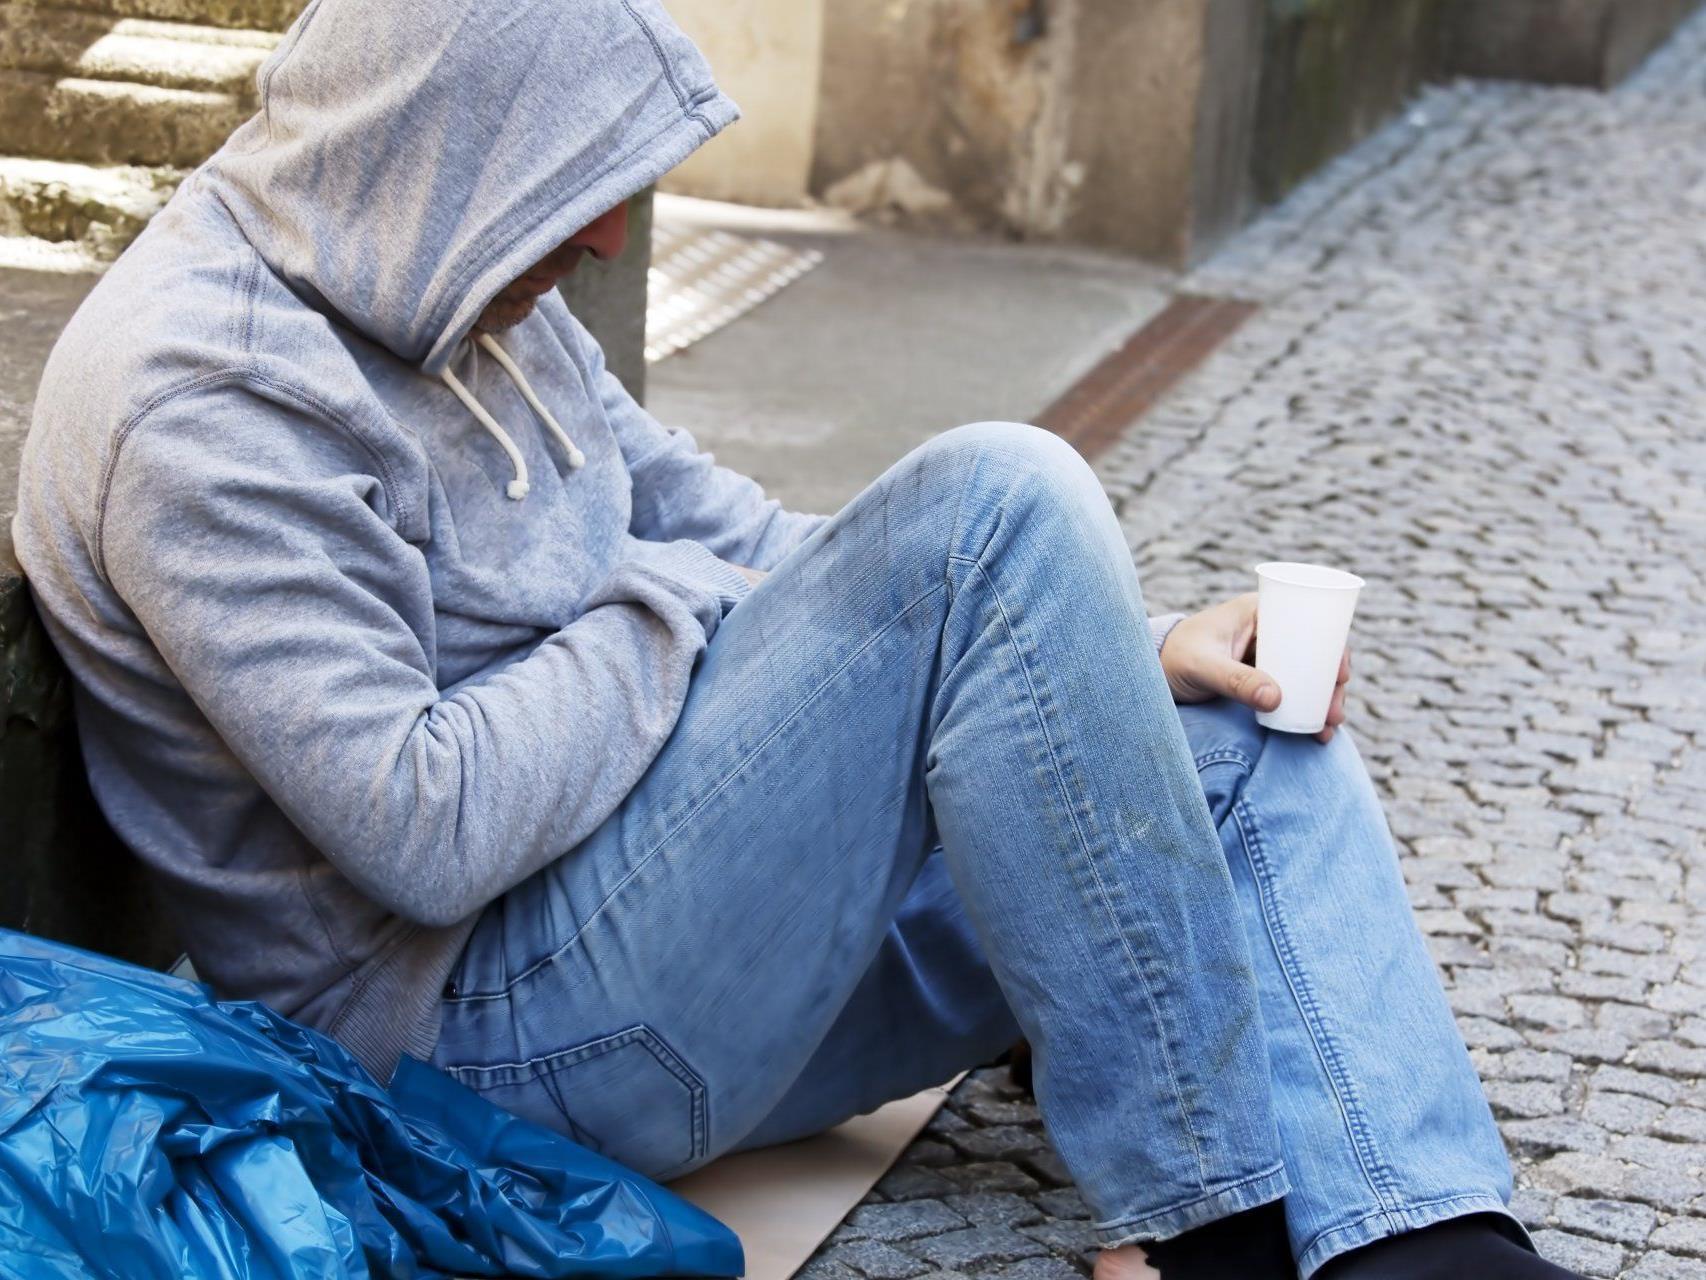 Ein Obdachloser soll in Wien-Simmering bei einem Brand ums Lebens gekommen sein.